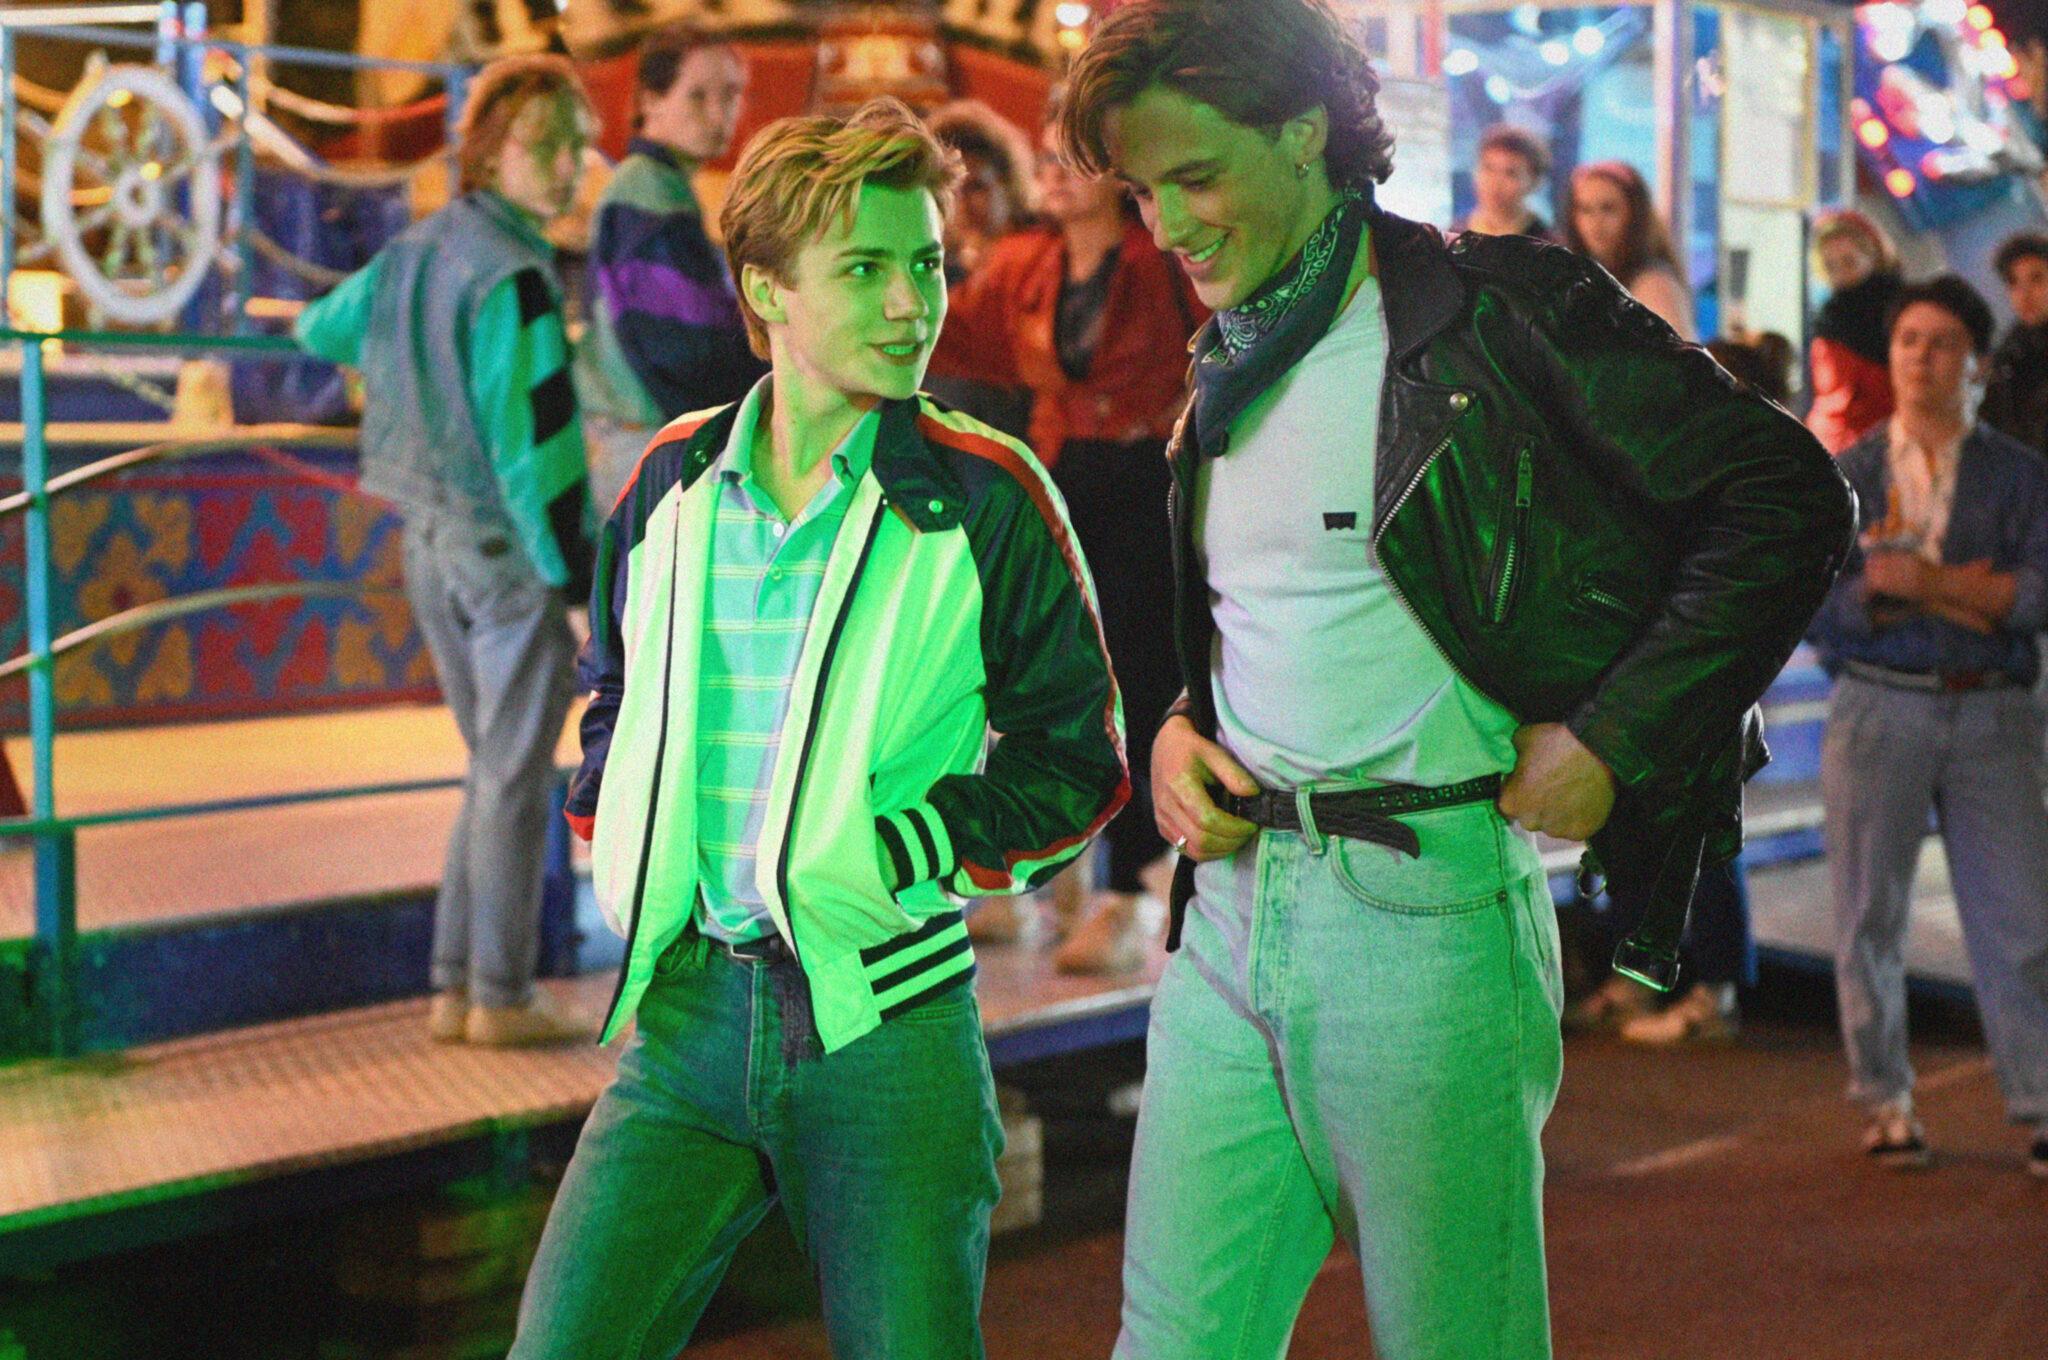 Alexis und David schlendern in Sommer 85 gutgelaunt über einen Jahrmarkt, von dessen grüner Beleuchtung sie angestrahlt werden.